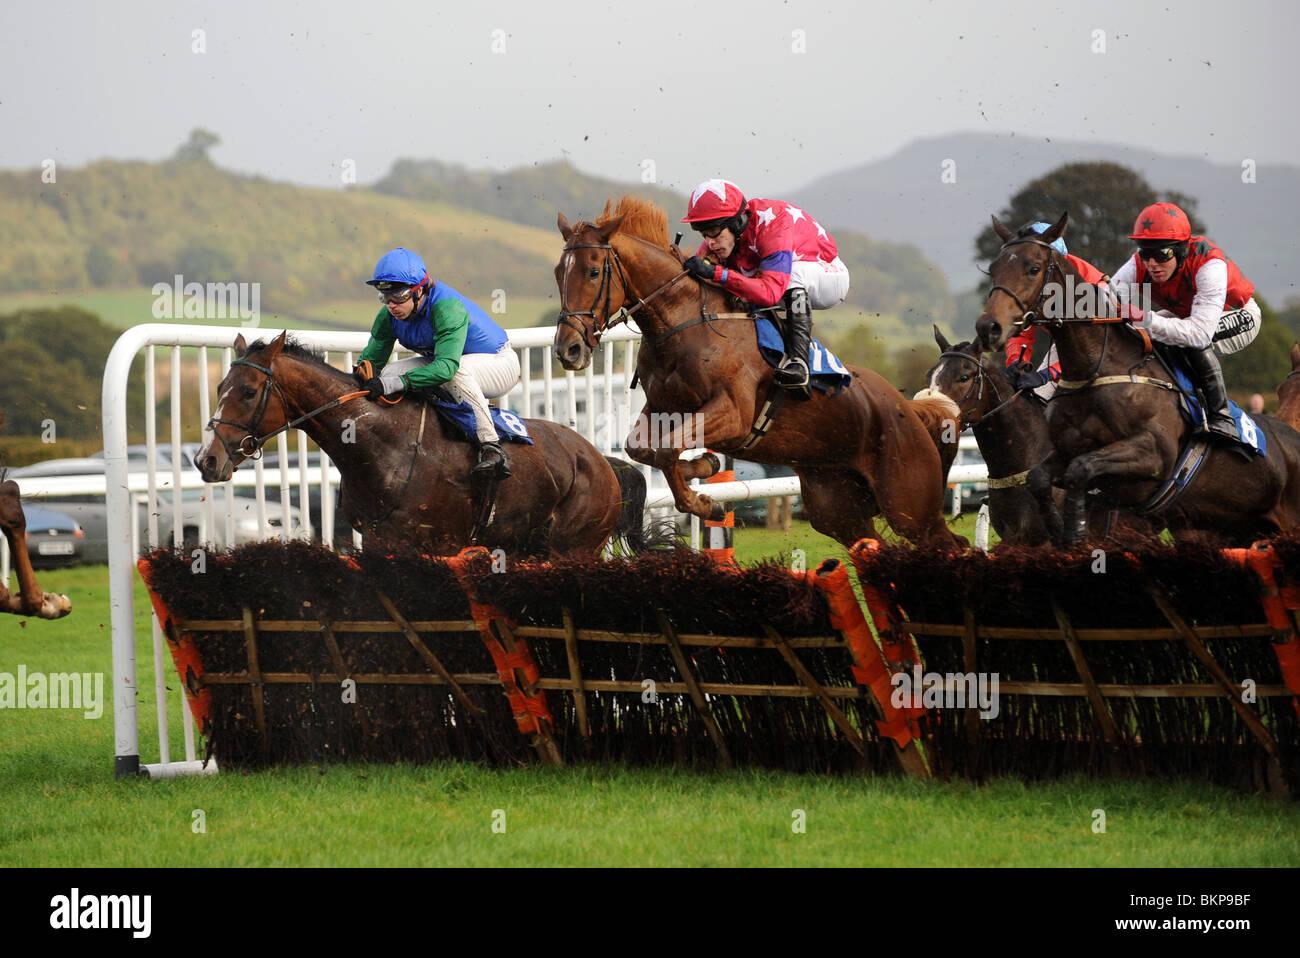 Corse di cavalli su ostacoli a Ludlow Race Course in Shropshire Regno Unito Immagini Stock